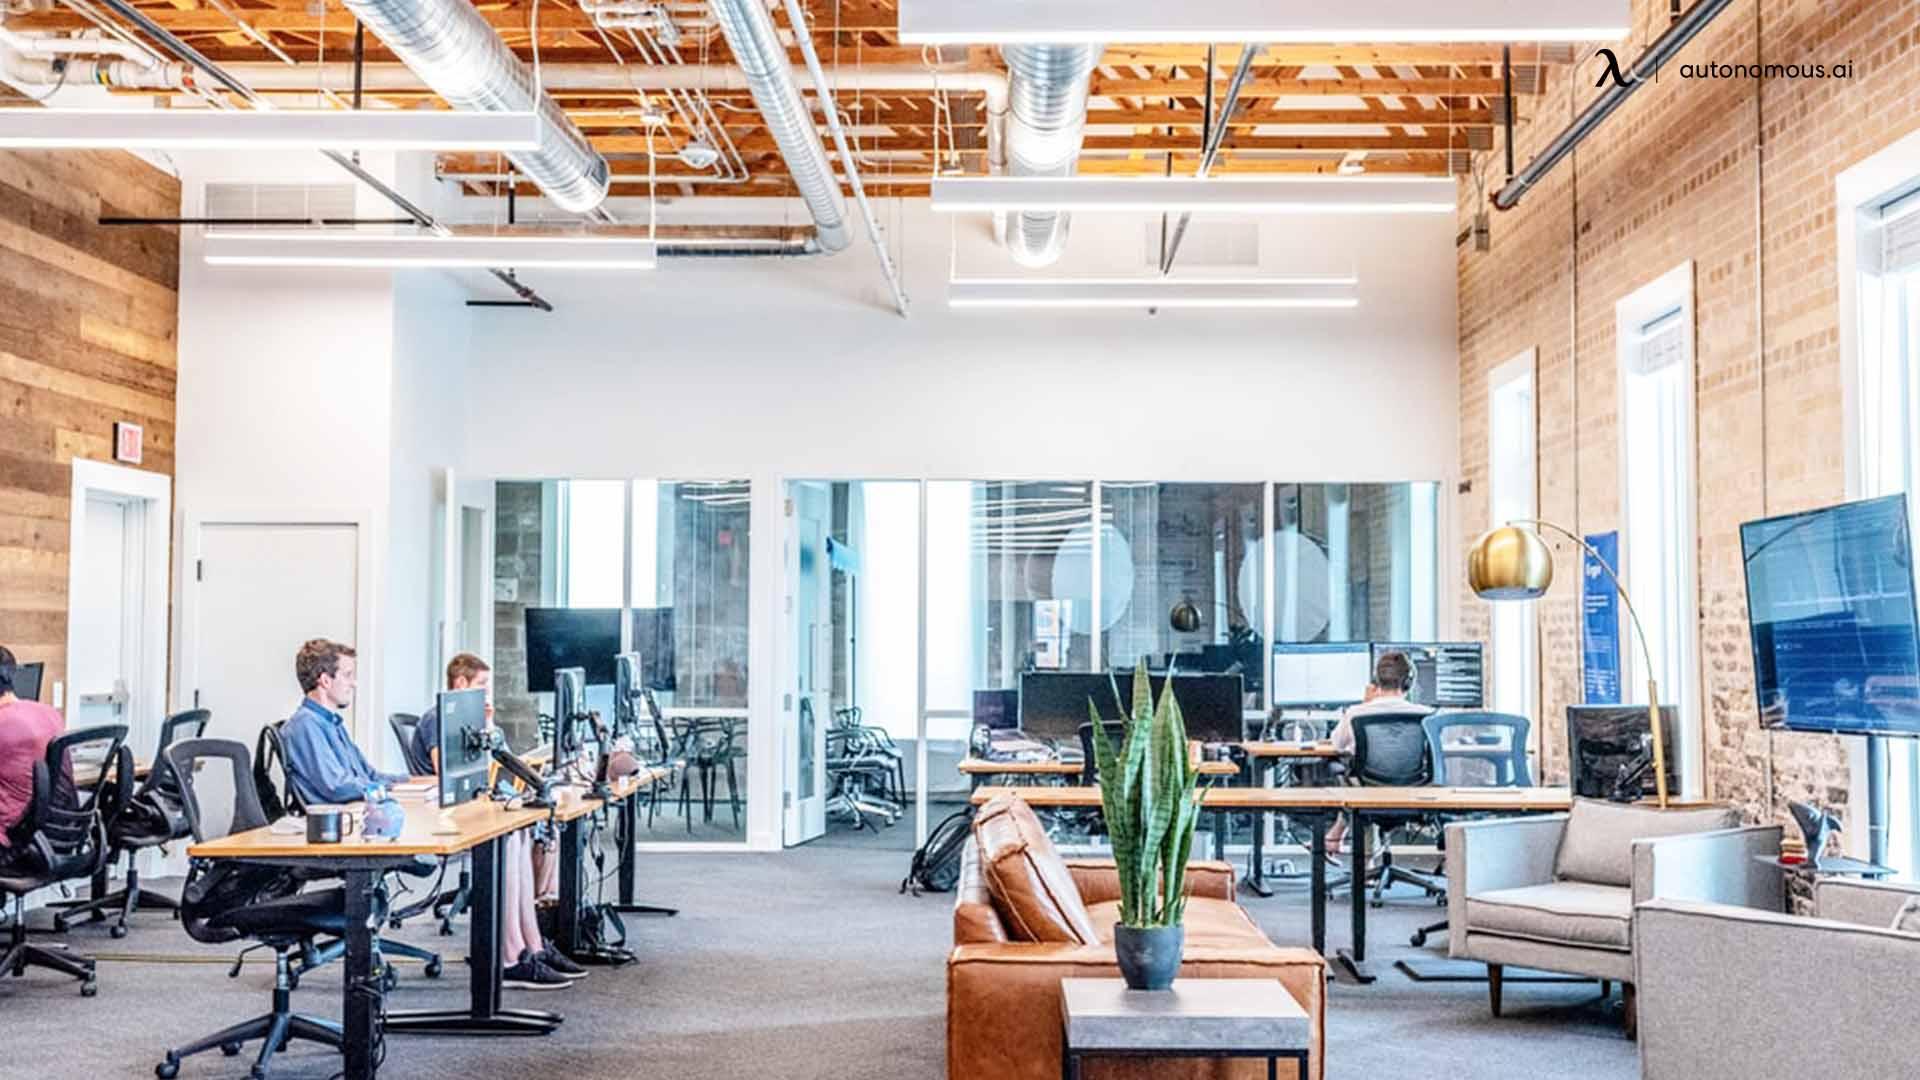 Agile workspace